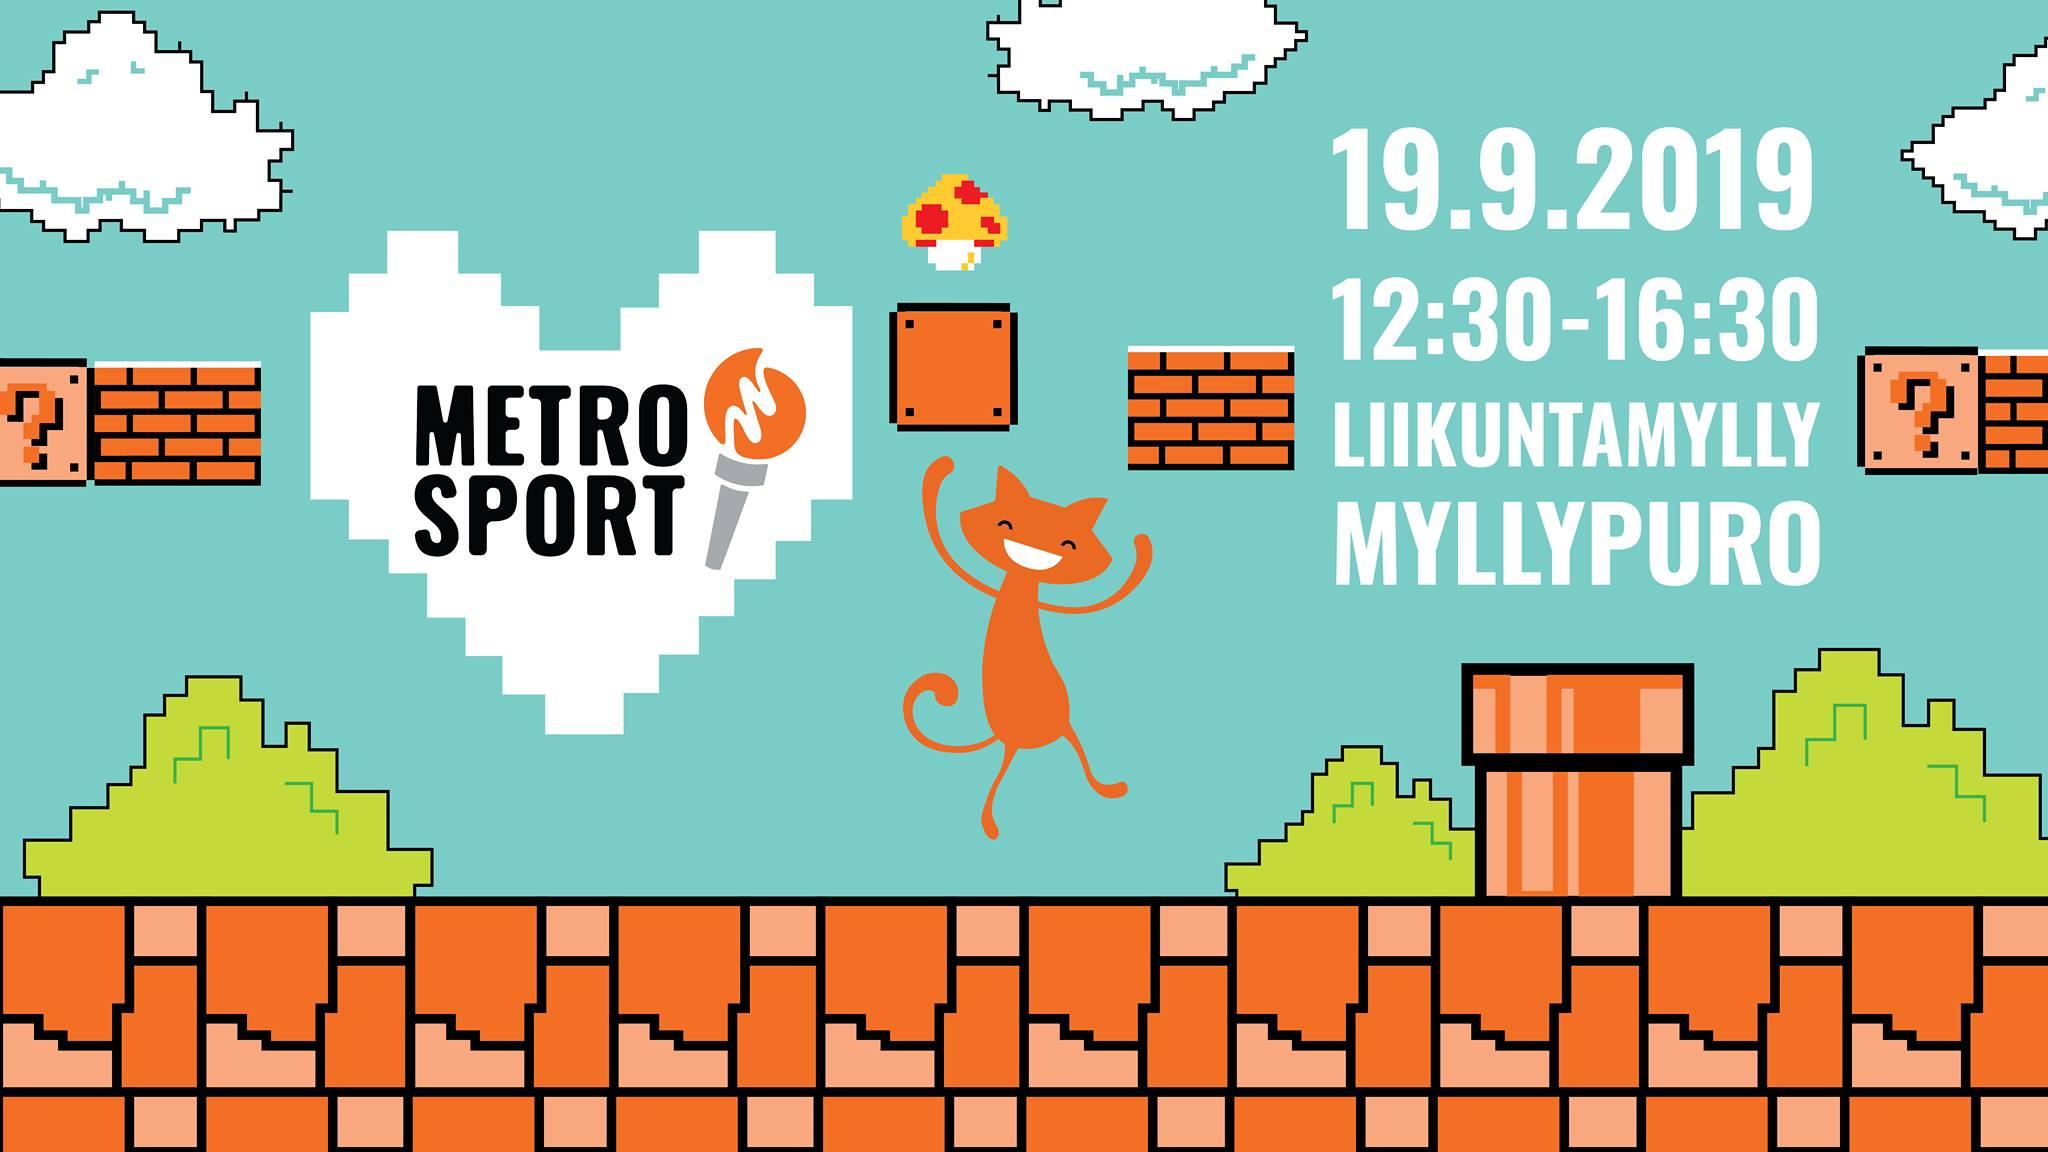 Mainosbanneri: MetroSport Liikuntamyllyssä 19.9.2019! / Banner ad: MetroSport at Liikuntamylly on 19,9,2019!